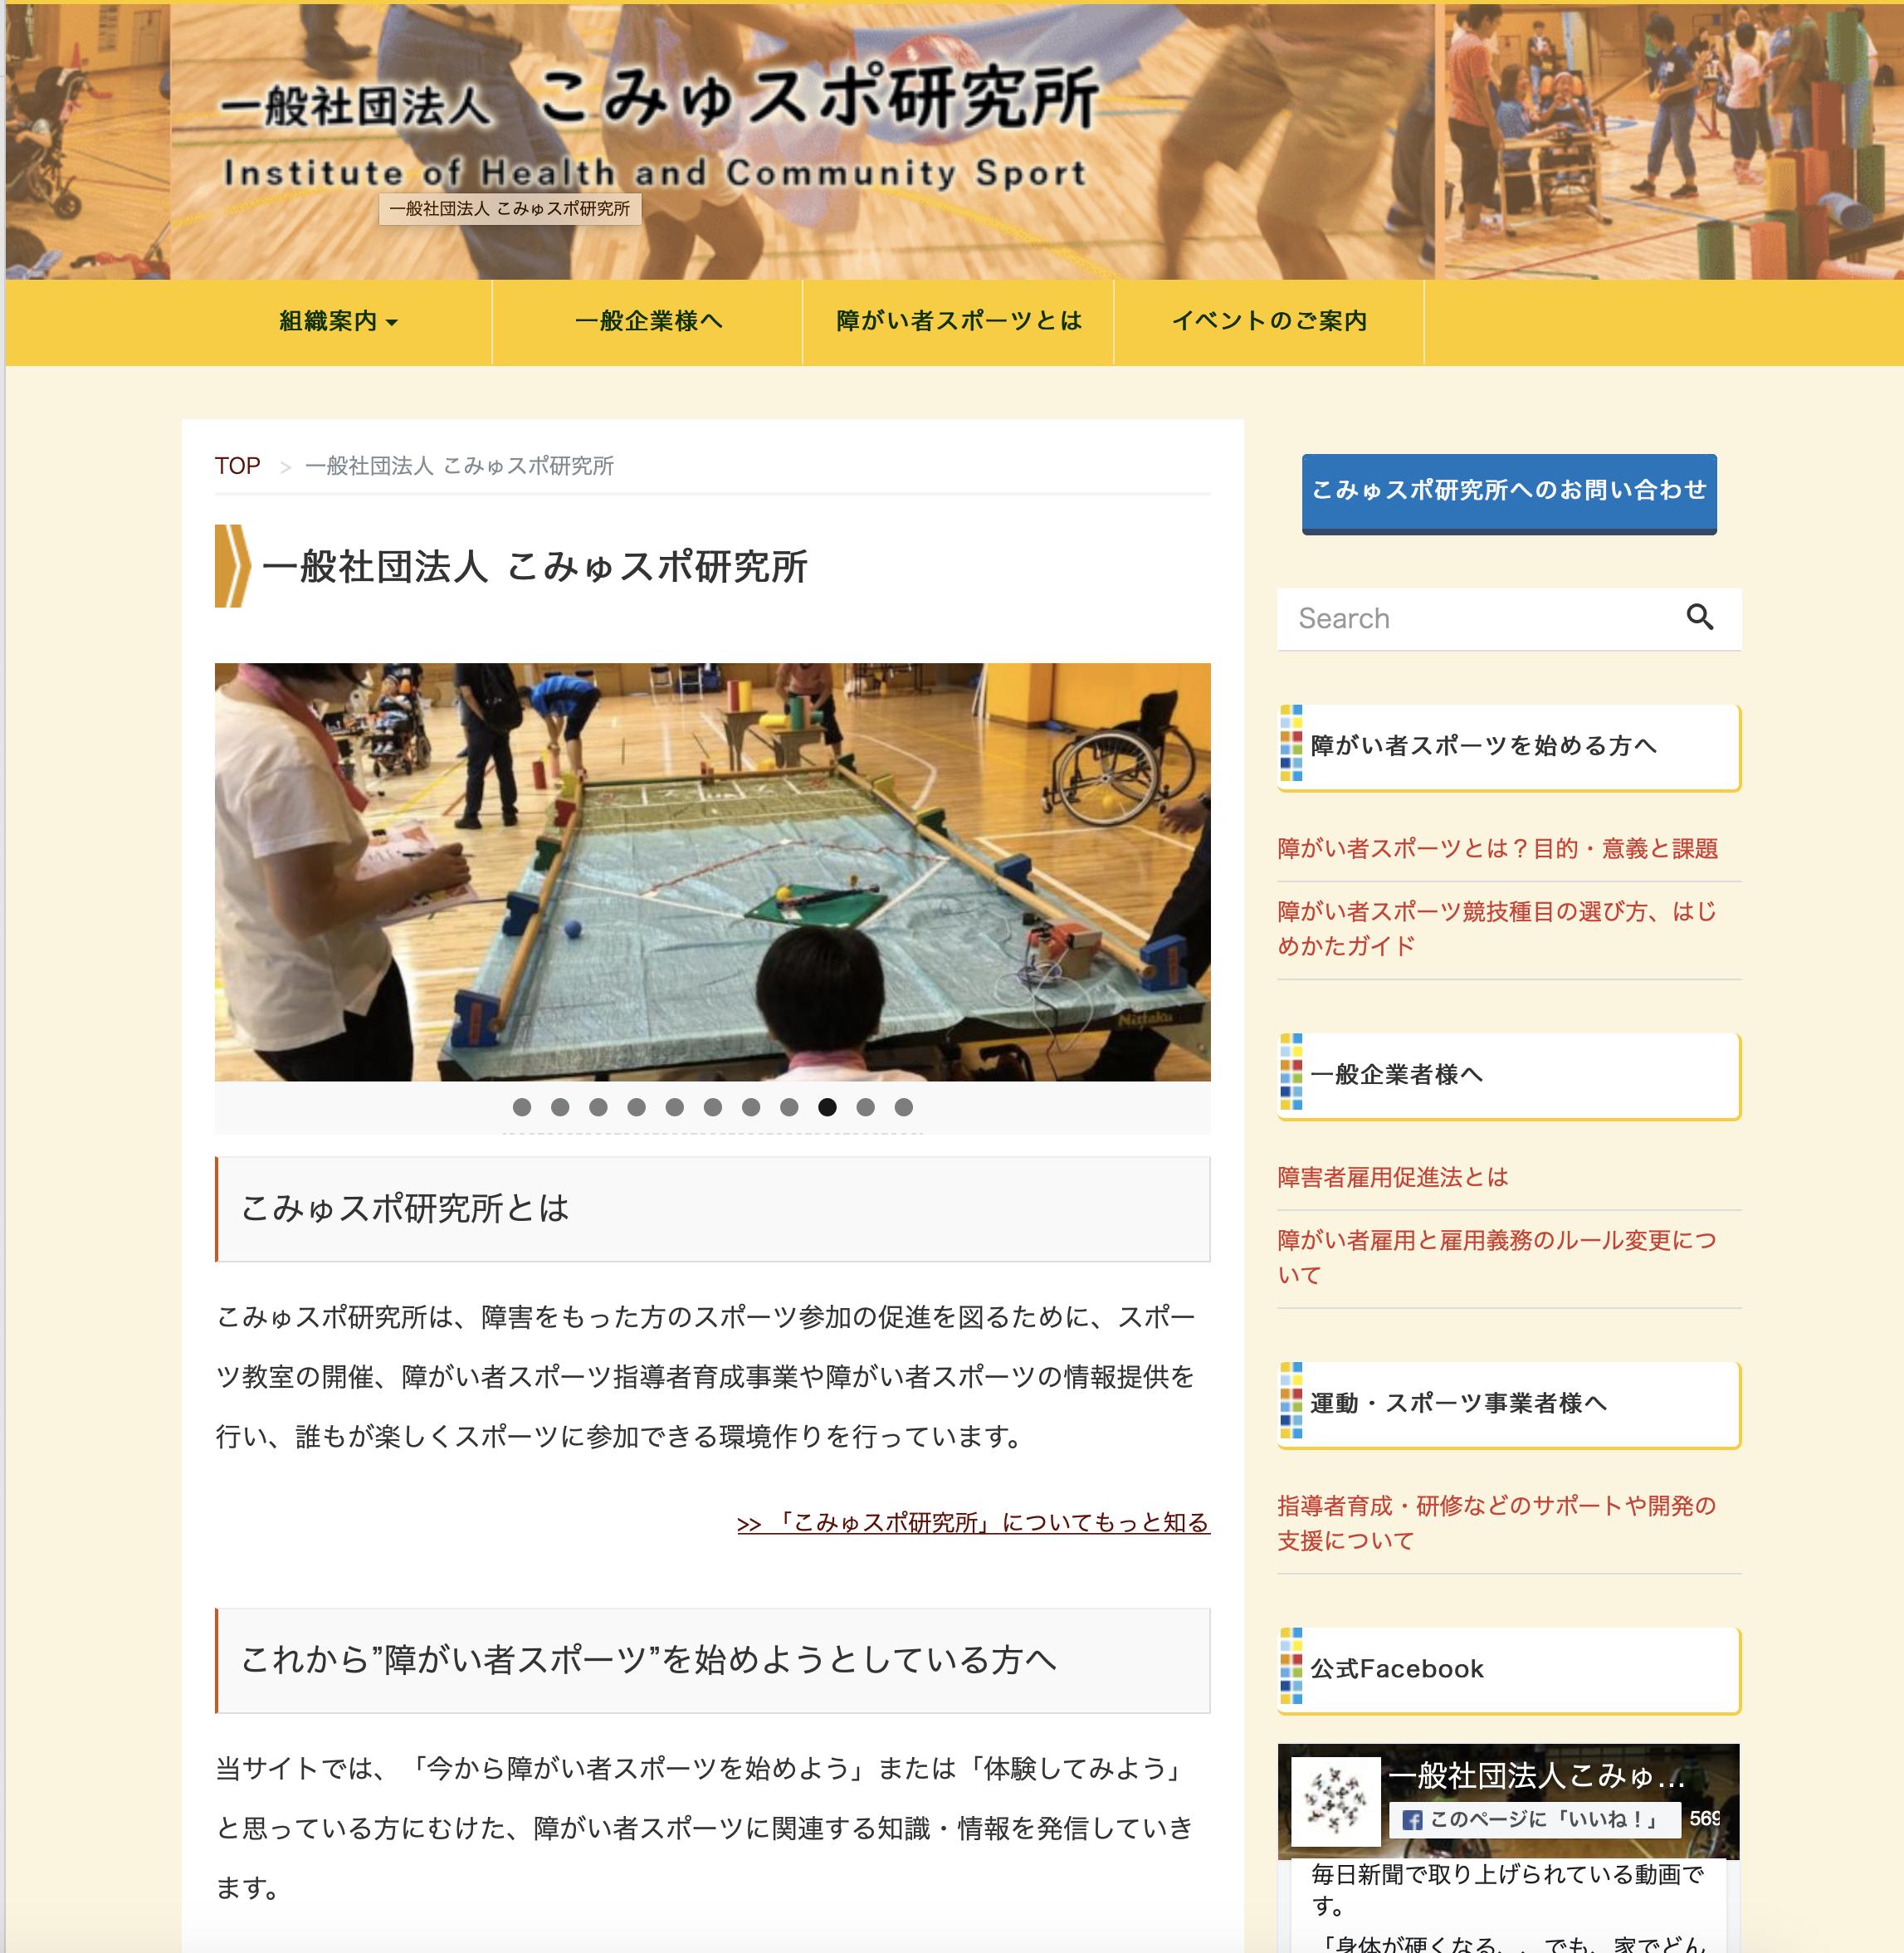 【おすすめサイト】こみゅスポ研究所